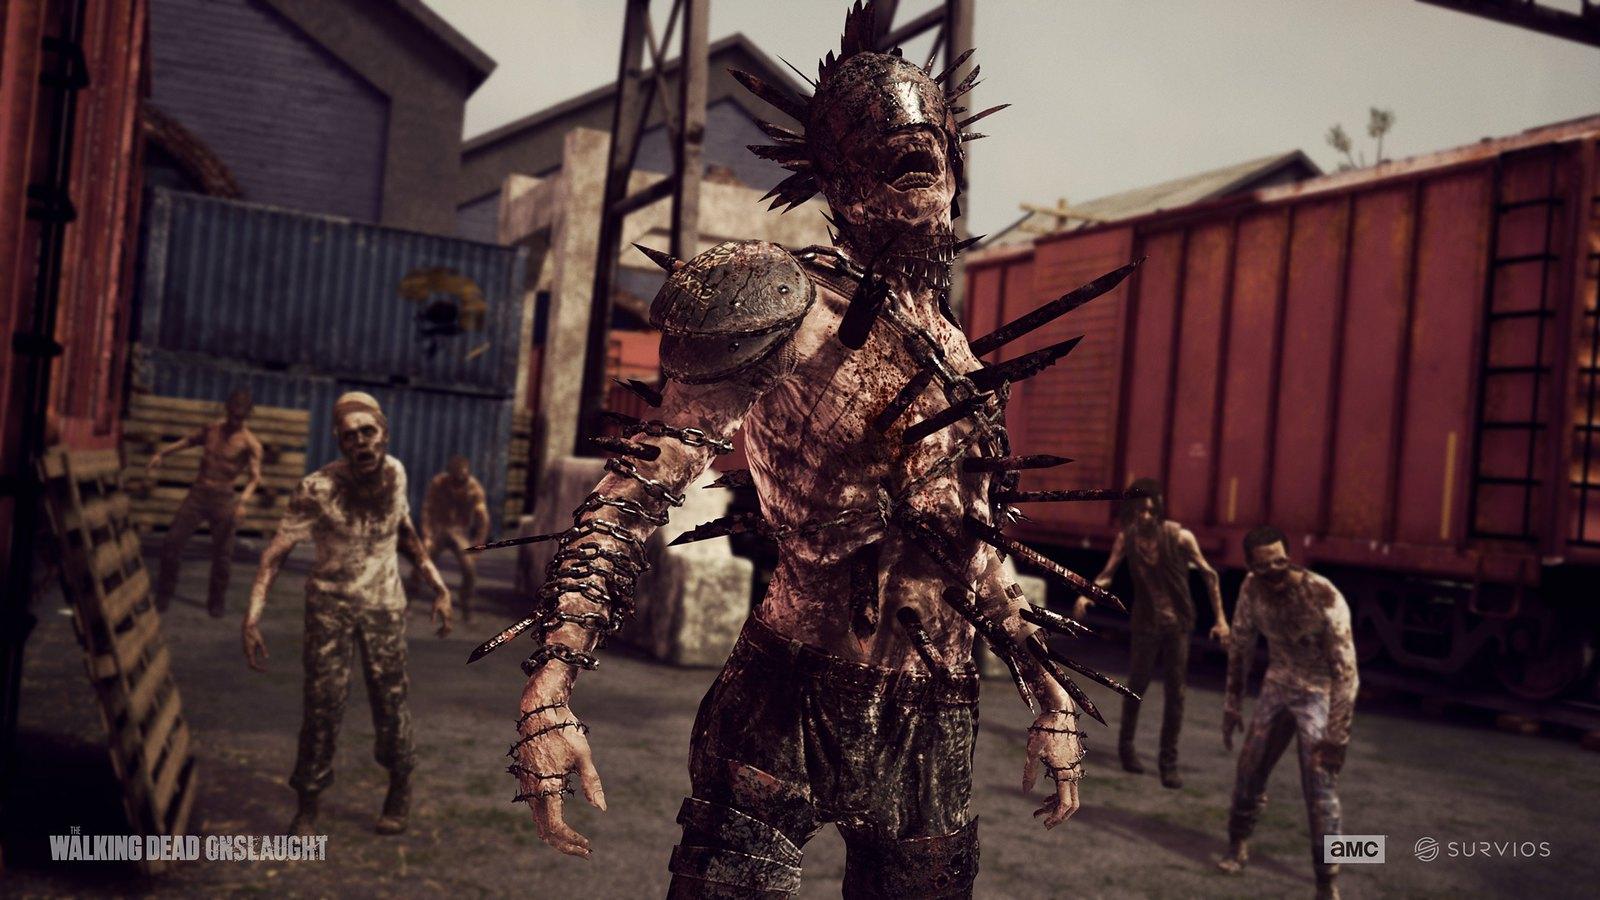 50382735248 087fcffc7c h - 8 Tipps, um The Walking Dead Onslaught zu überleben  – ab morgen auf PSVR